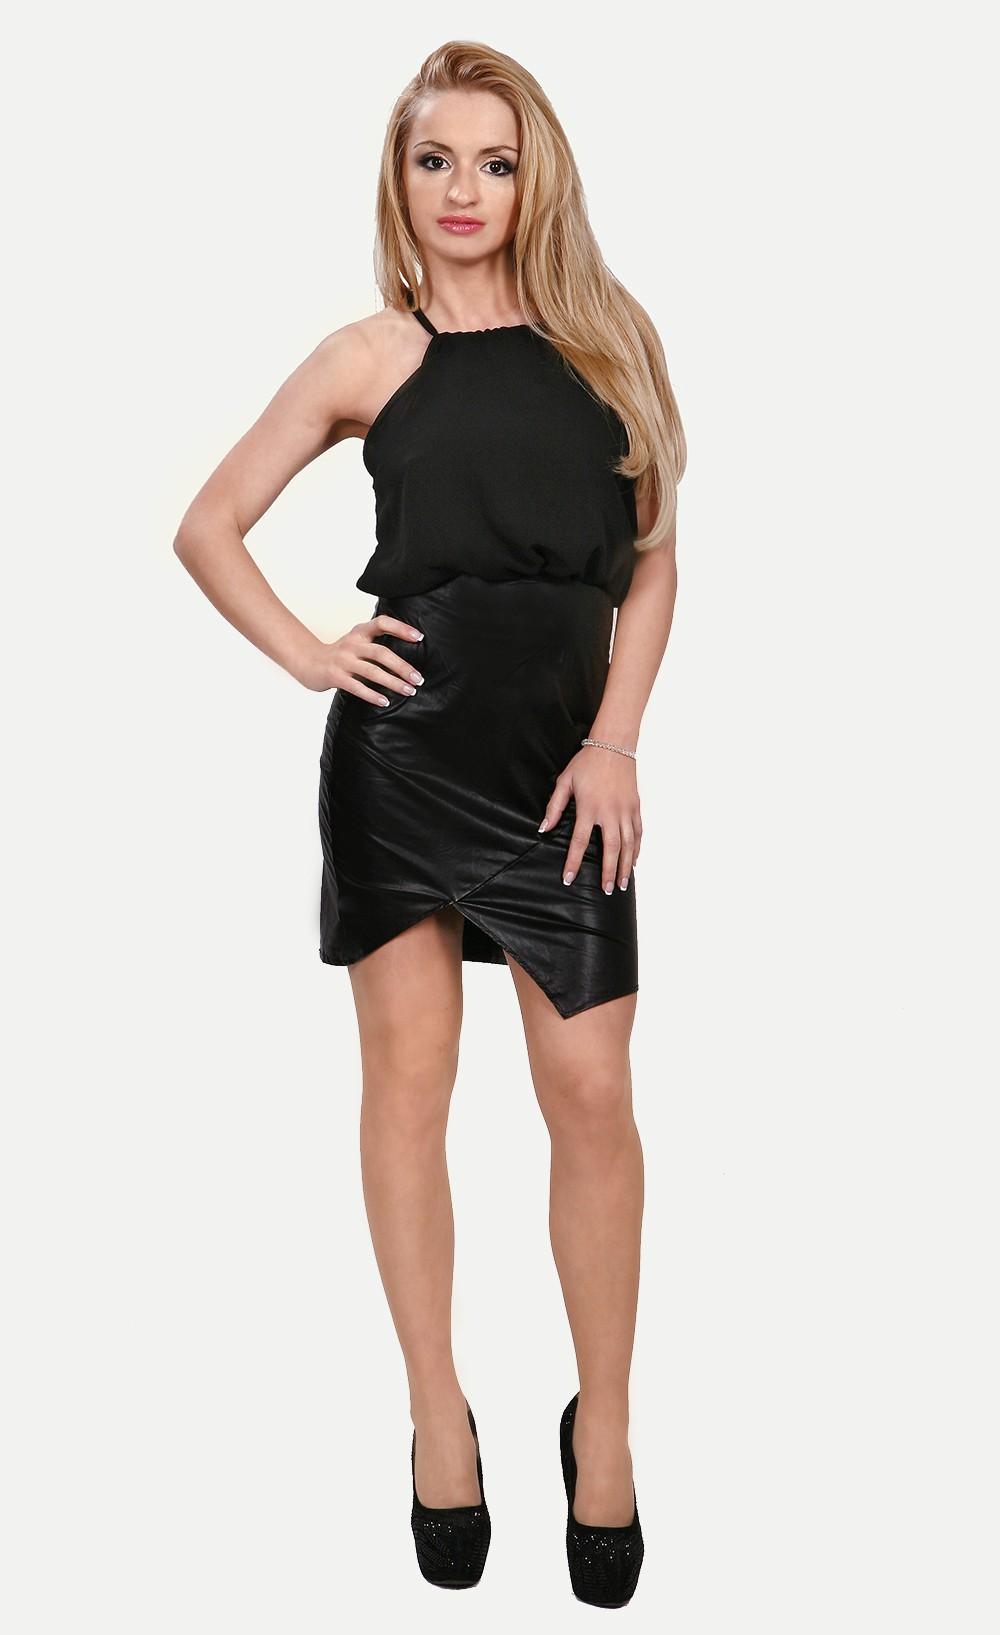 Black chiffon vinyl mini dress